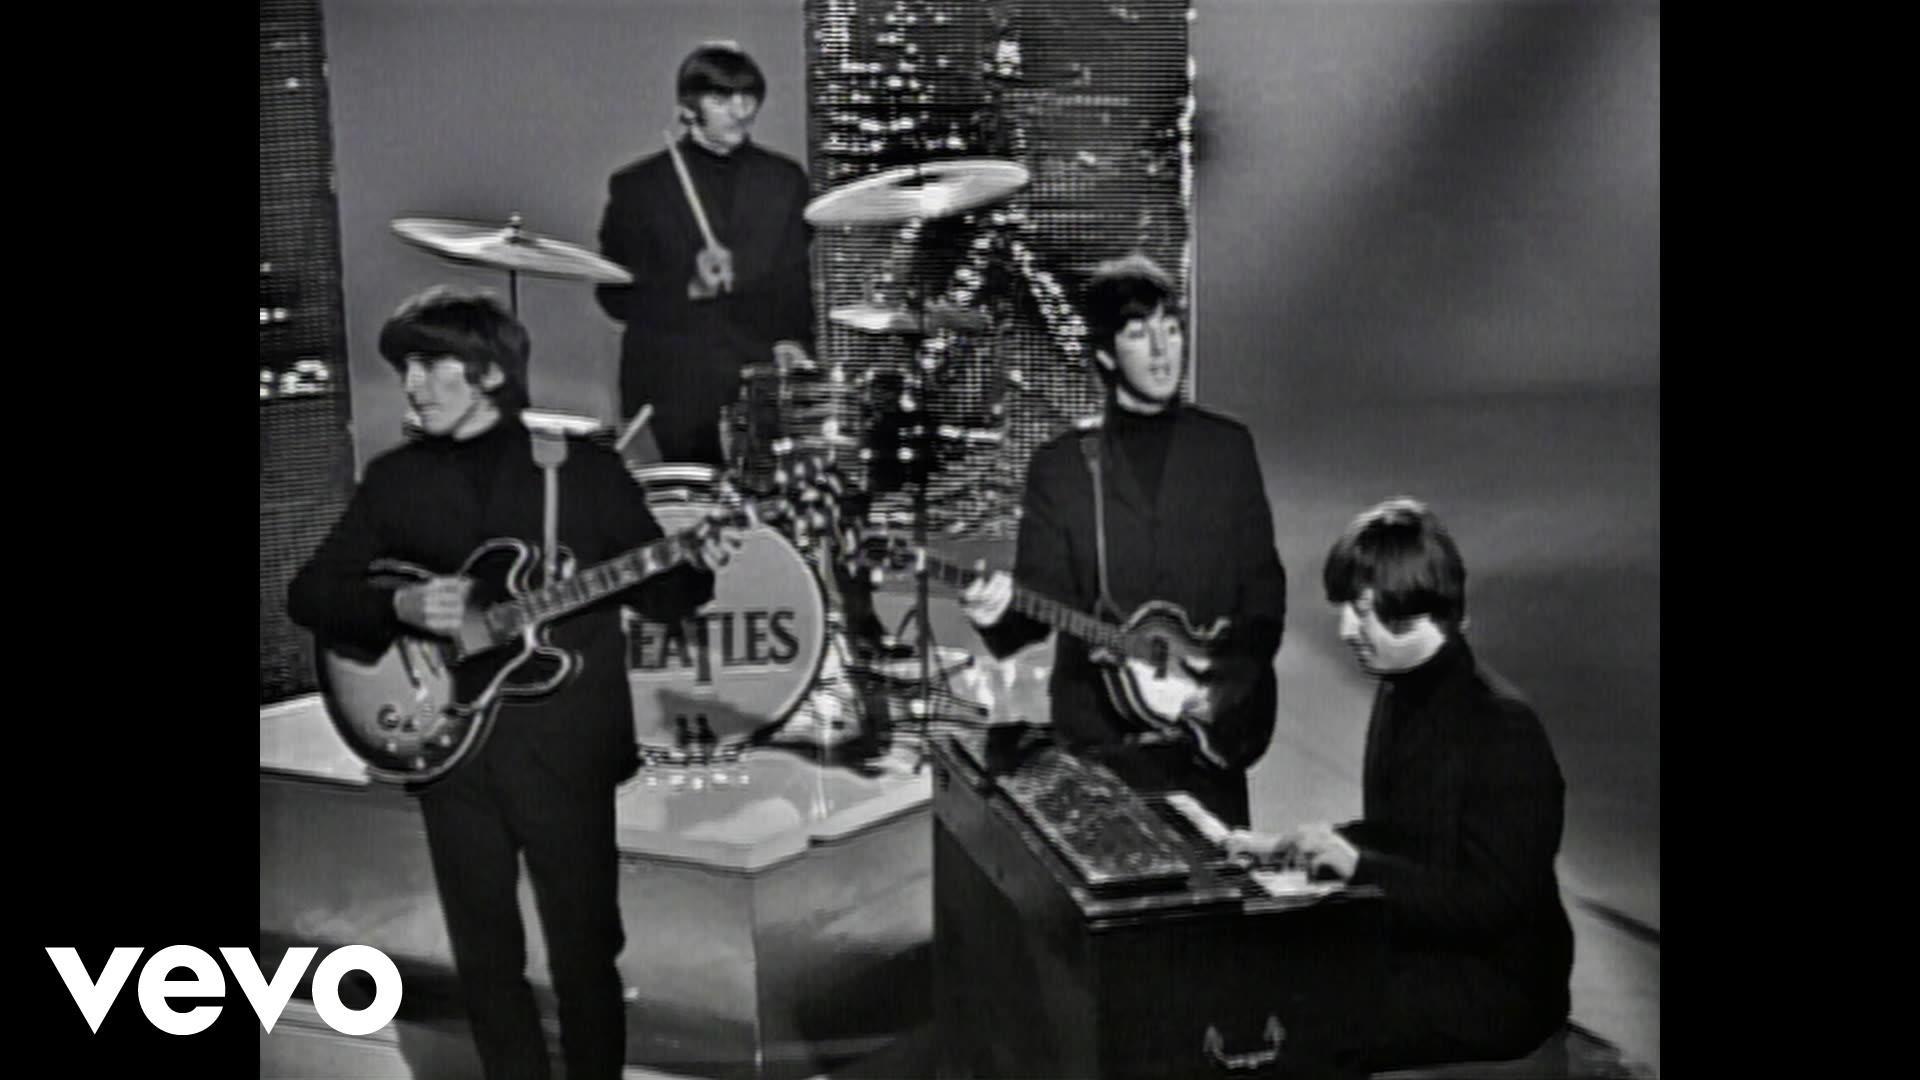 Letra original y traducida de The Beatles - We can work it out